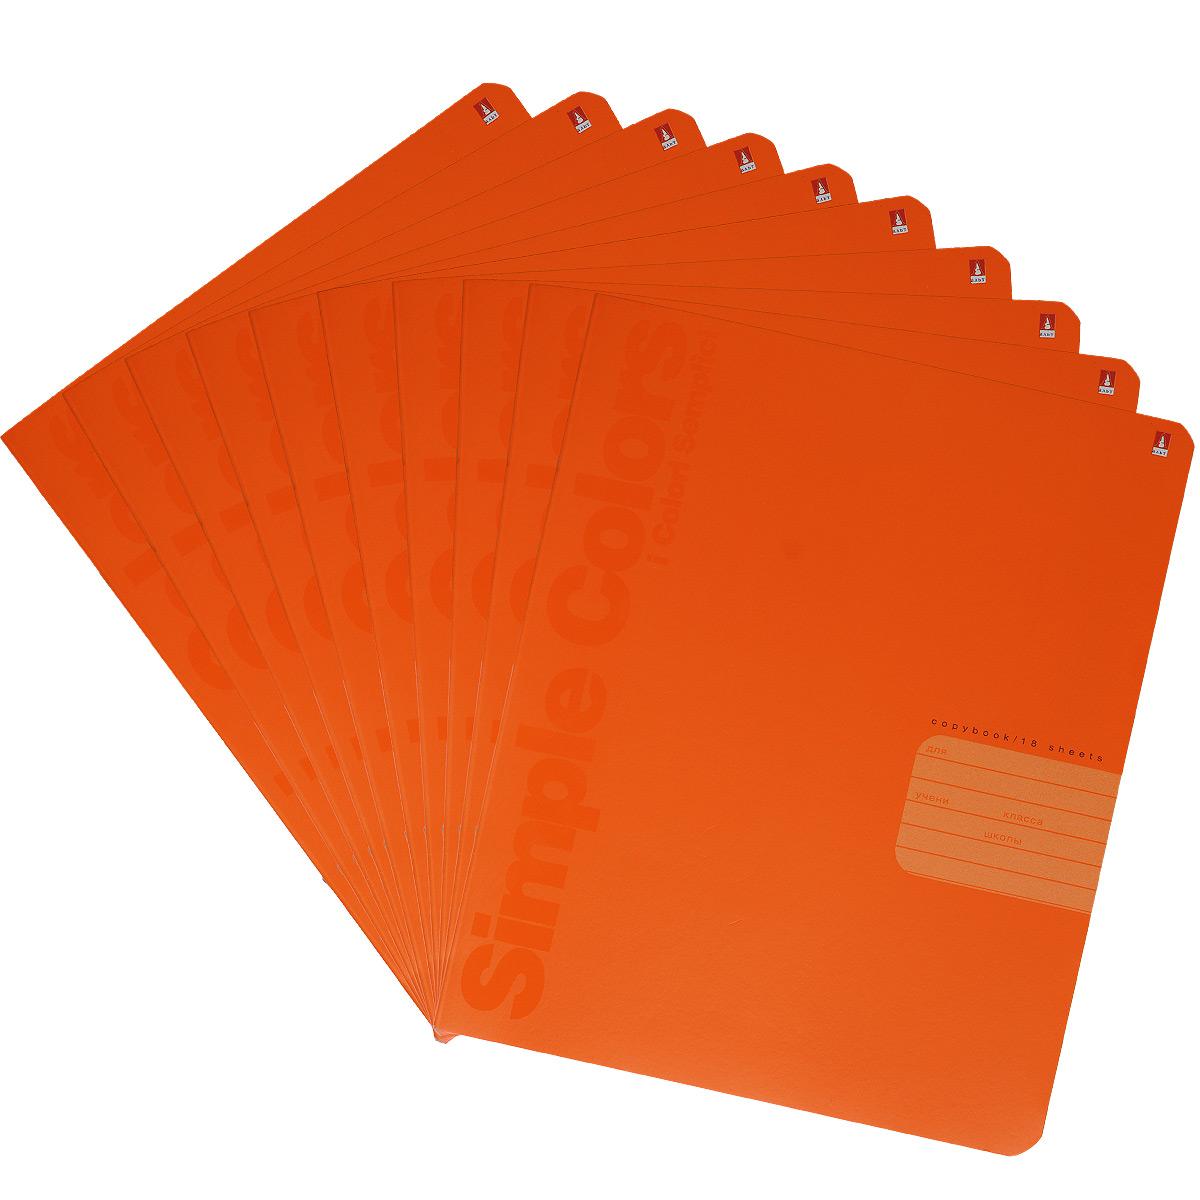 Набор тетрадей Альт, 18 листов, 10 шт (рыжий)7-18-772/1Набор тетрадей Альт идеально подойдет для занятий любому школьнику. Обложка тетрадей выполнена из мелованного картона оранжевого цвета. На тыльной стороне обложки представлены единицы измерения и таблица умножения. Внутренний блок выполнен из белой офсетной бумаги в голубую клетку с уже очерченными полями. Набор включает в себя 10 тетрадей.